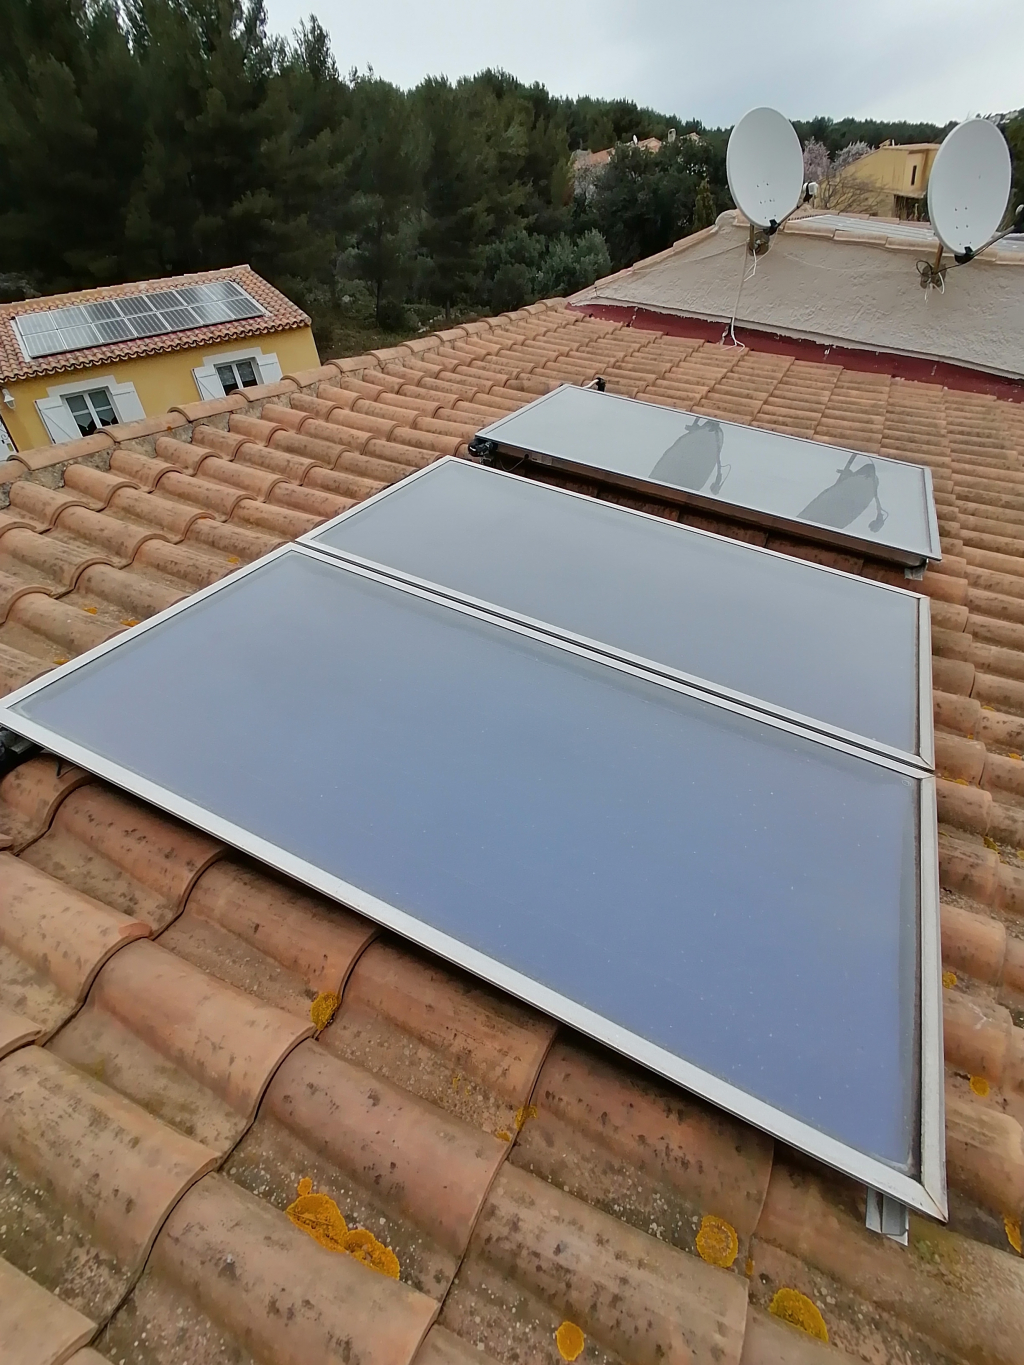 Dépannage et entretien chauffe eau solaire CESI Sonnenkraft